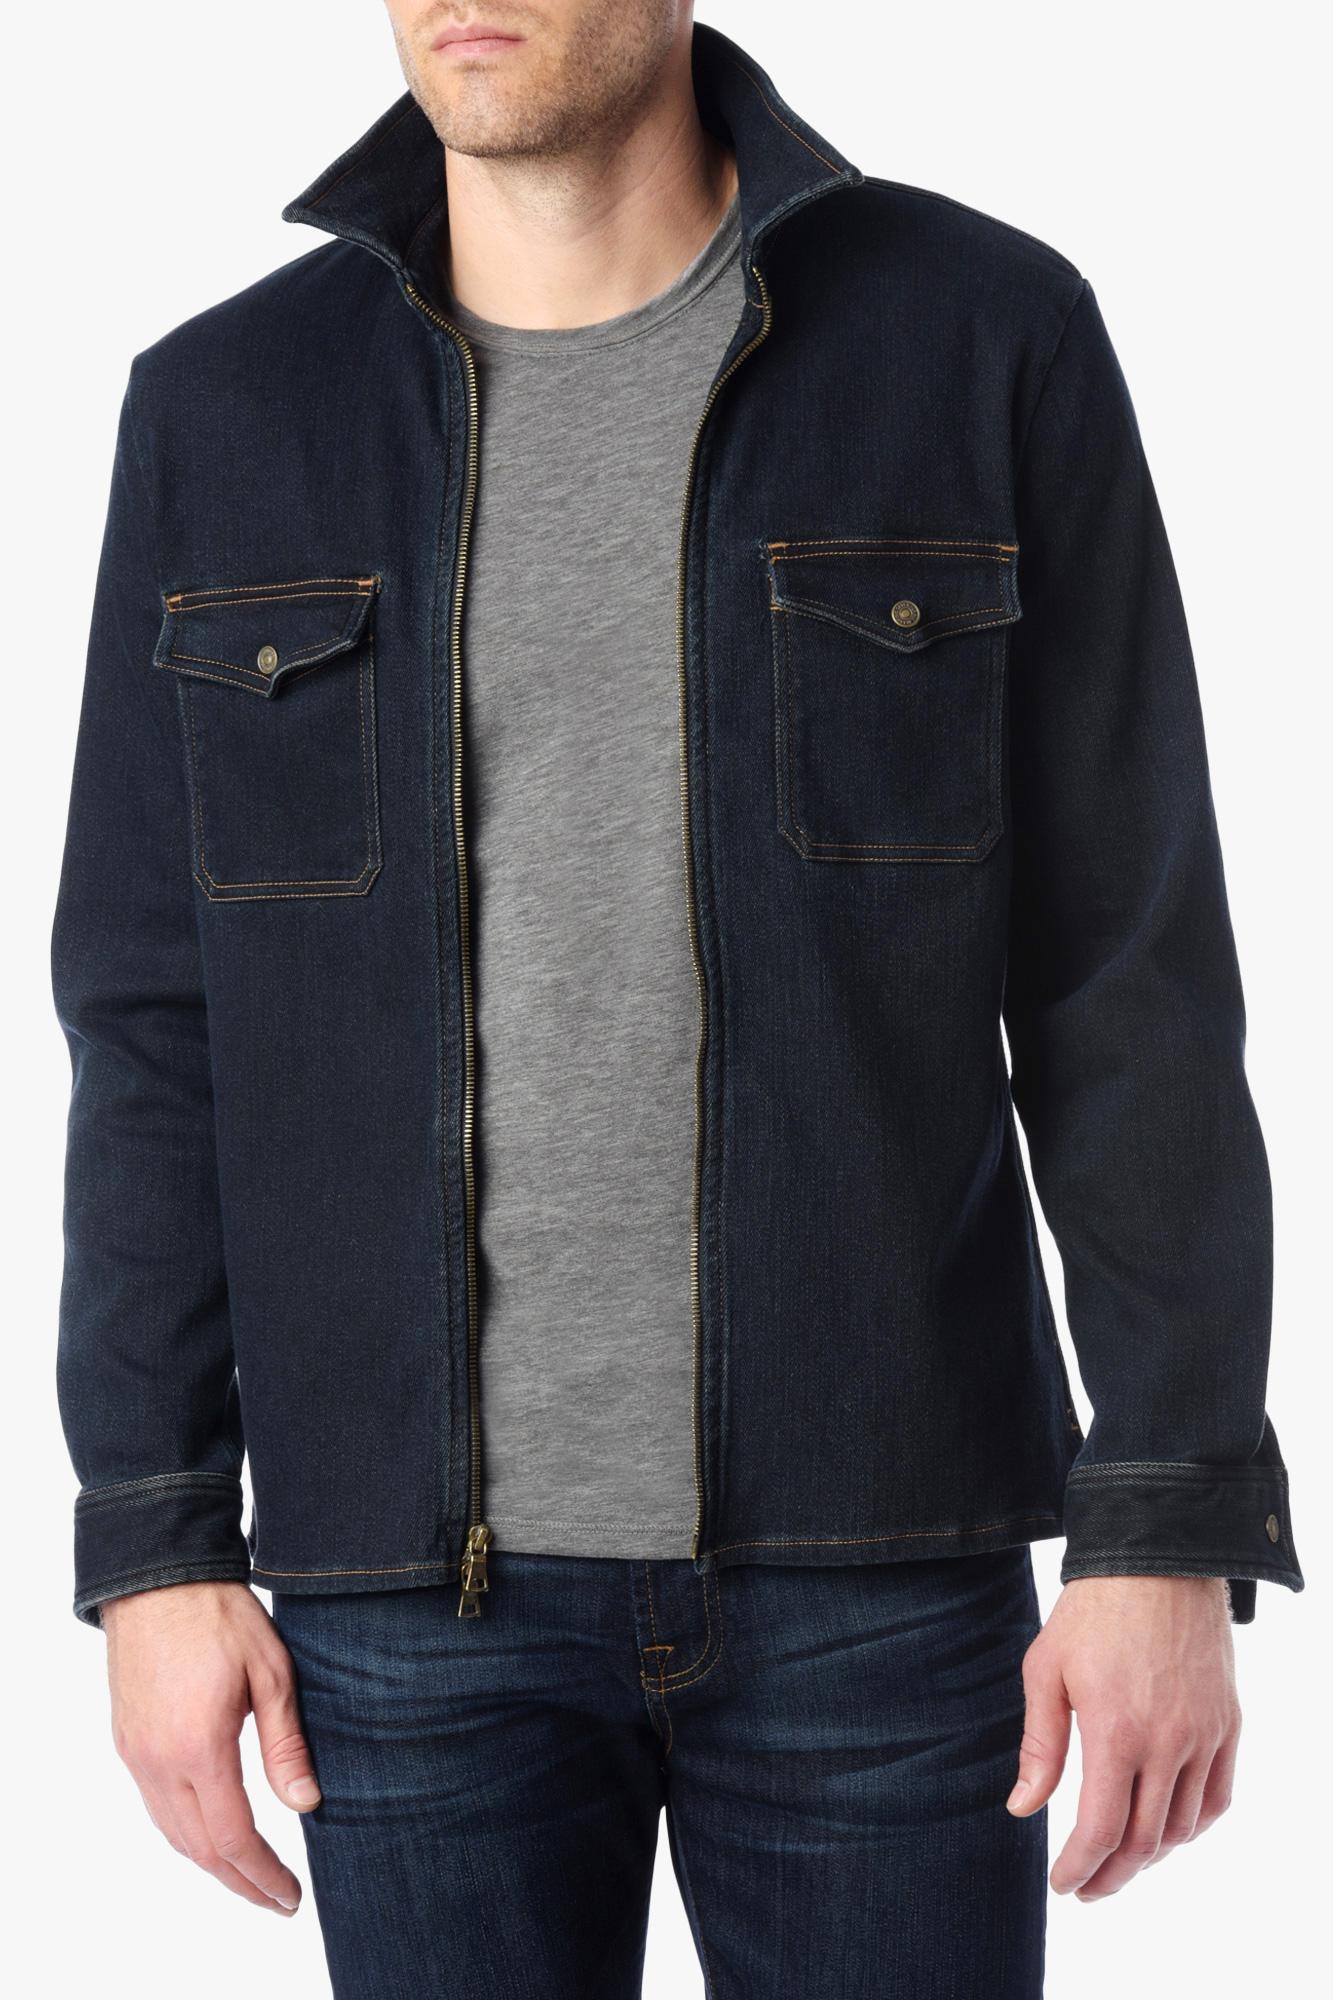 Shirt jacket design - 7 For All Mankind M Lange Denim Shirt Jacket In Indigo In Blue For